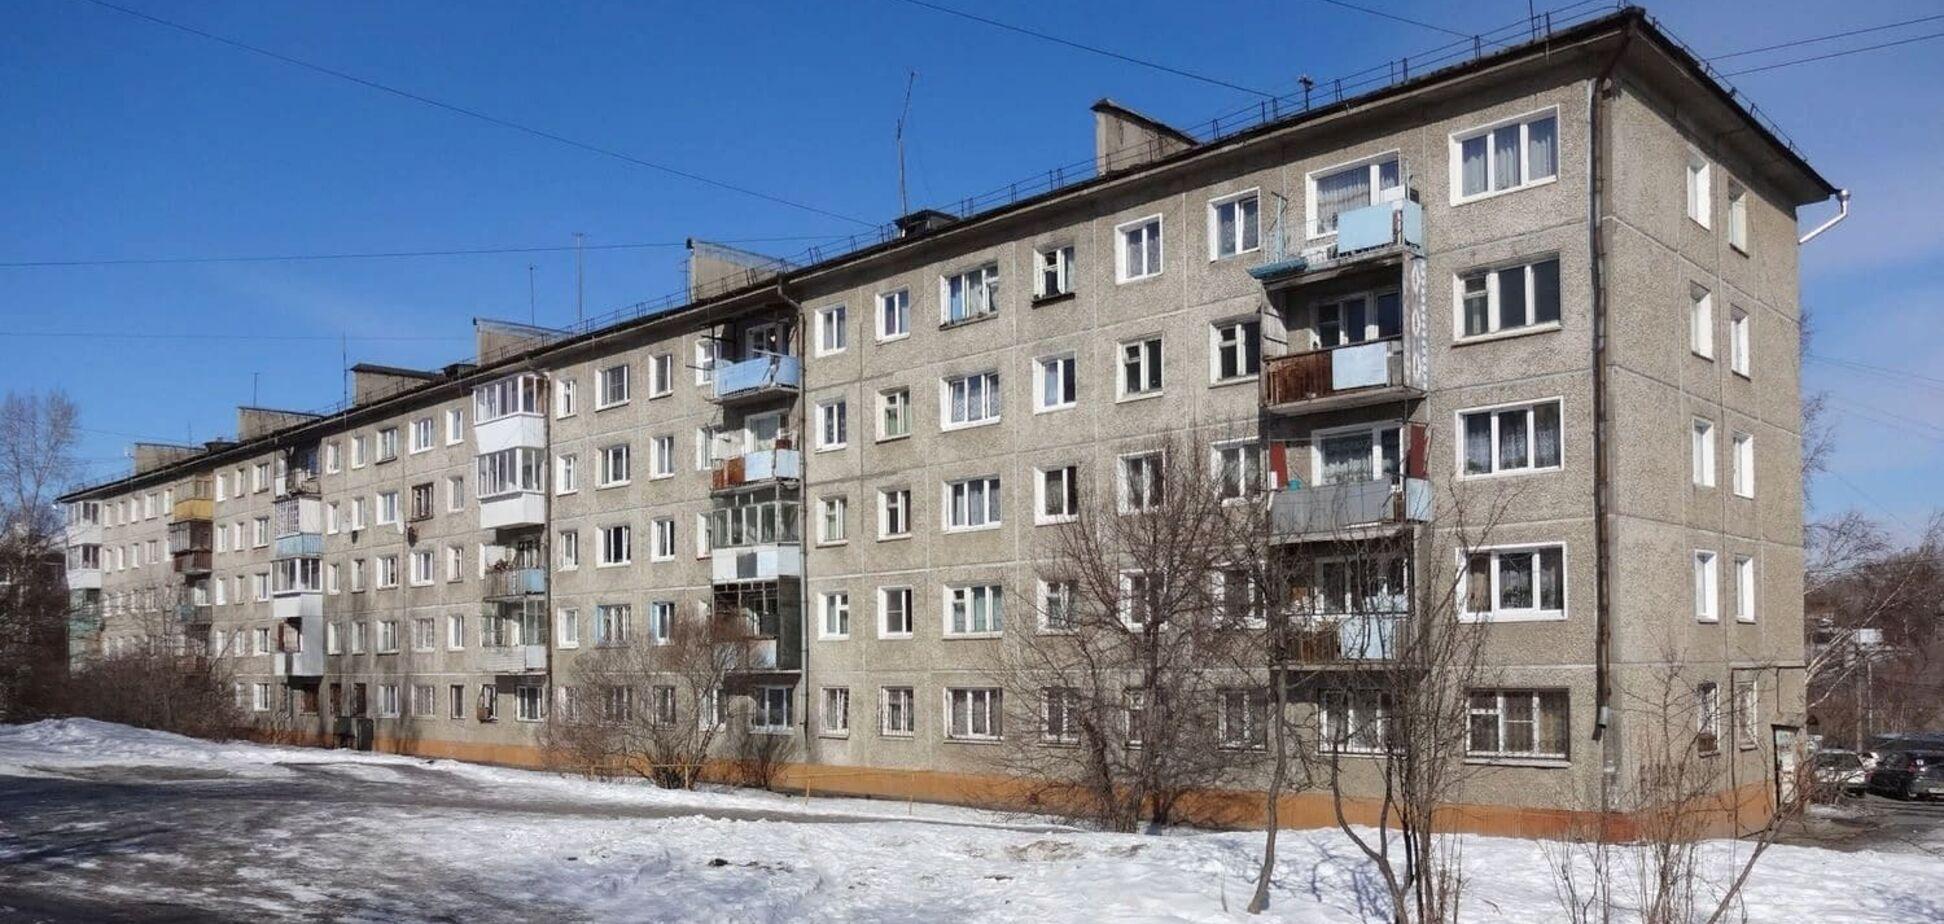 У Києві взялися за програму реконструкції застарілого житлового фонду